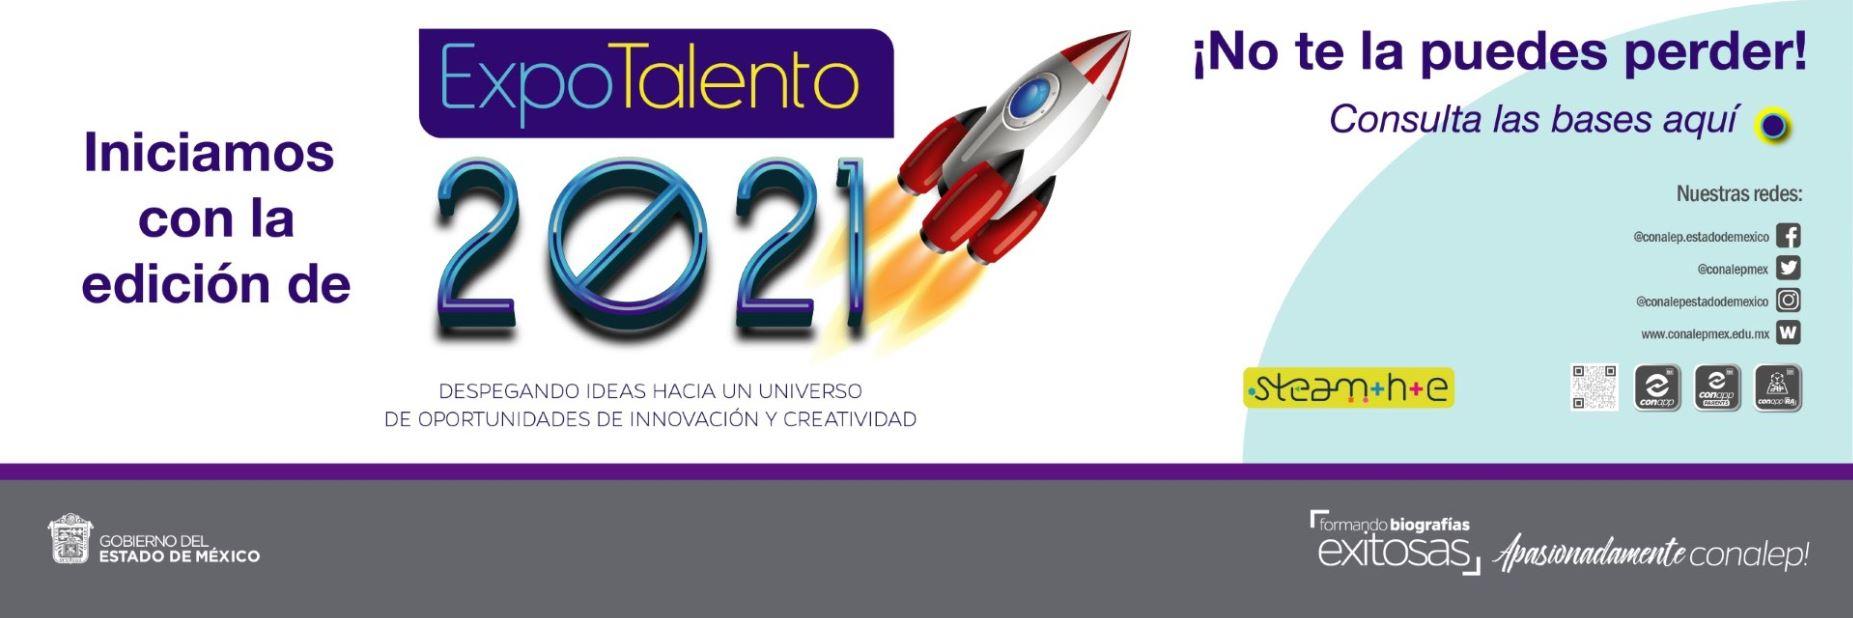 BannerExpotalento2021